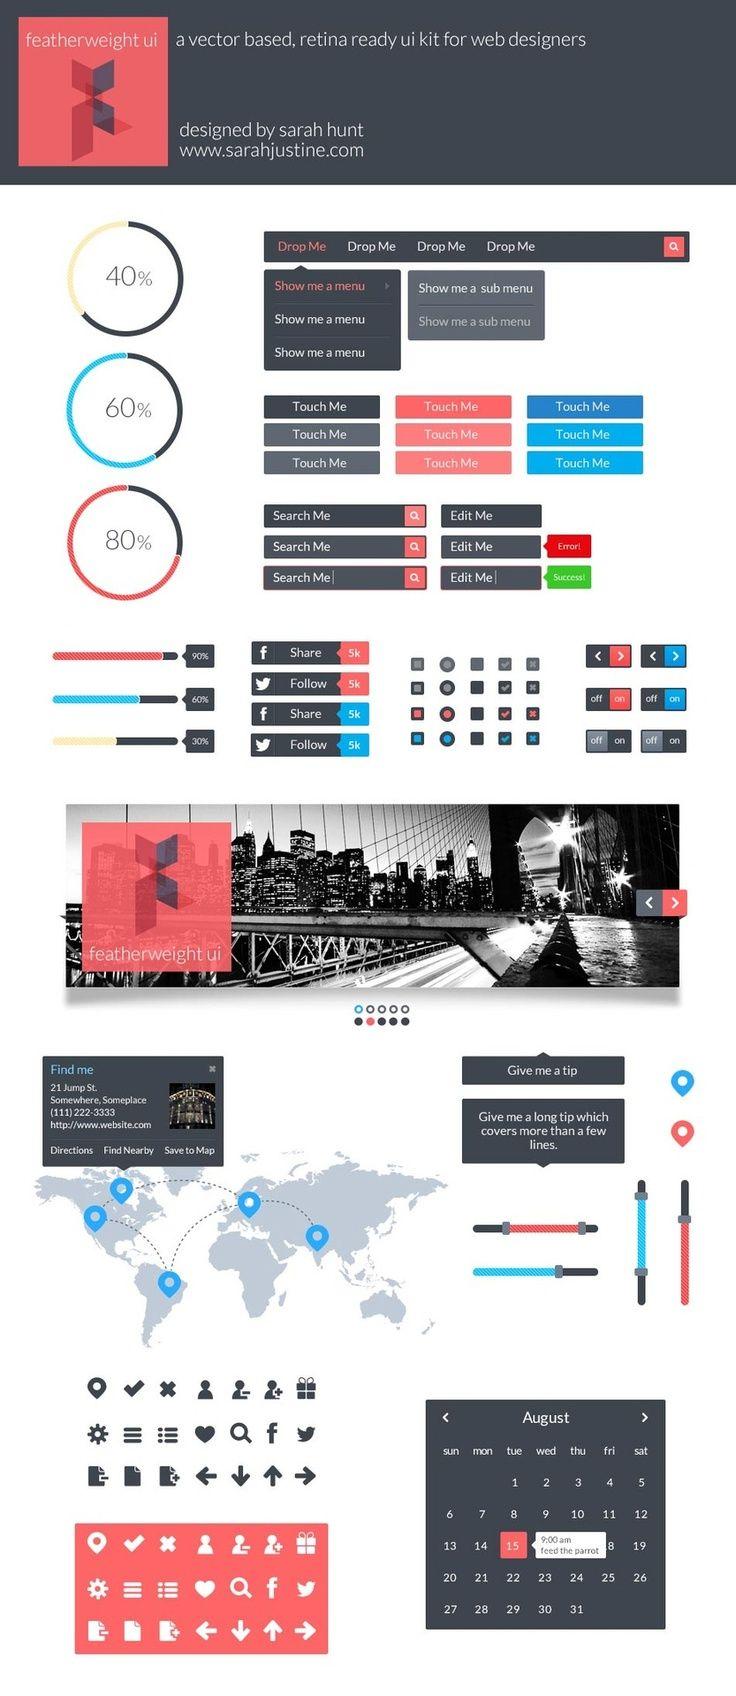 Webdesign Schweiz | Jetzt kostenlose Offerte anfordern http://www.swisswebwork.ch Featherweight - Free Flat UI Kit